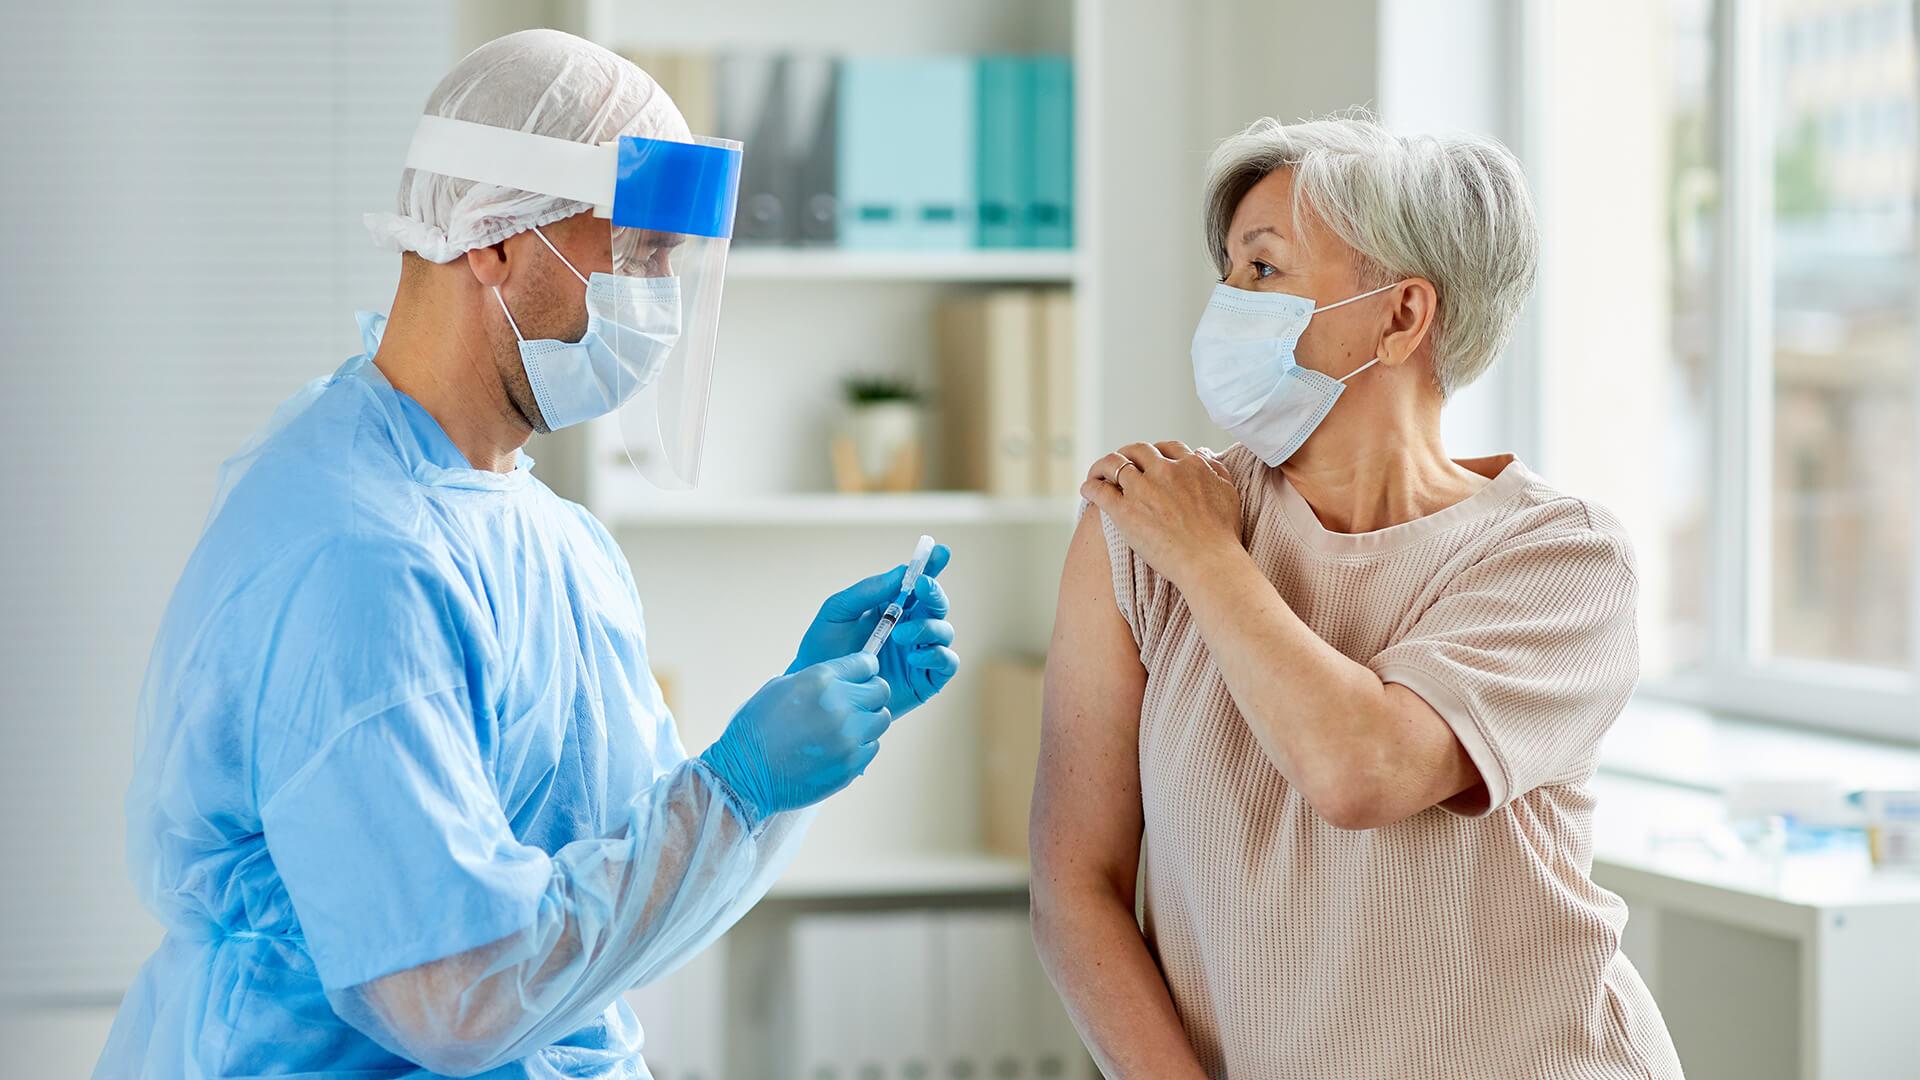 Szczepienia na COVID-19 w drEryk Gabinet - Lekarz przeprowadzający szczepienie